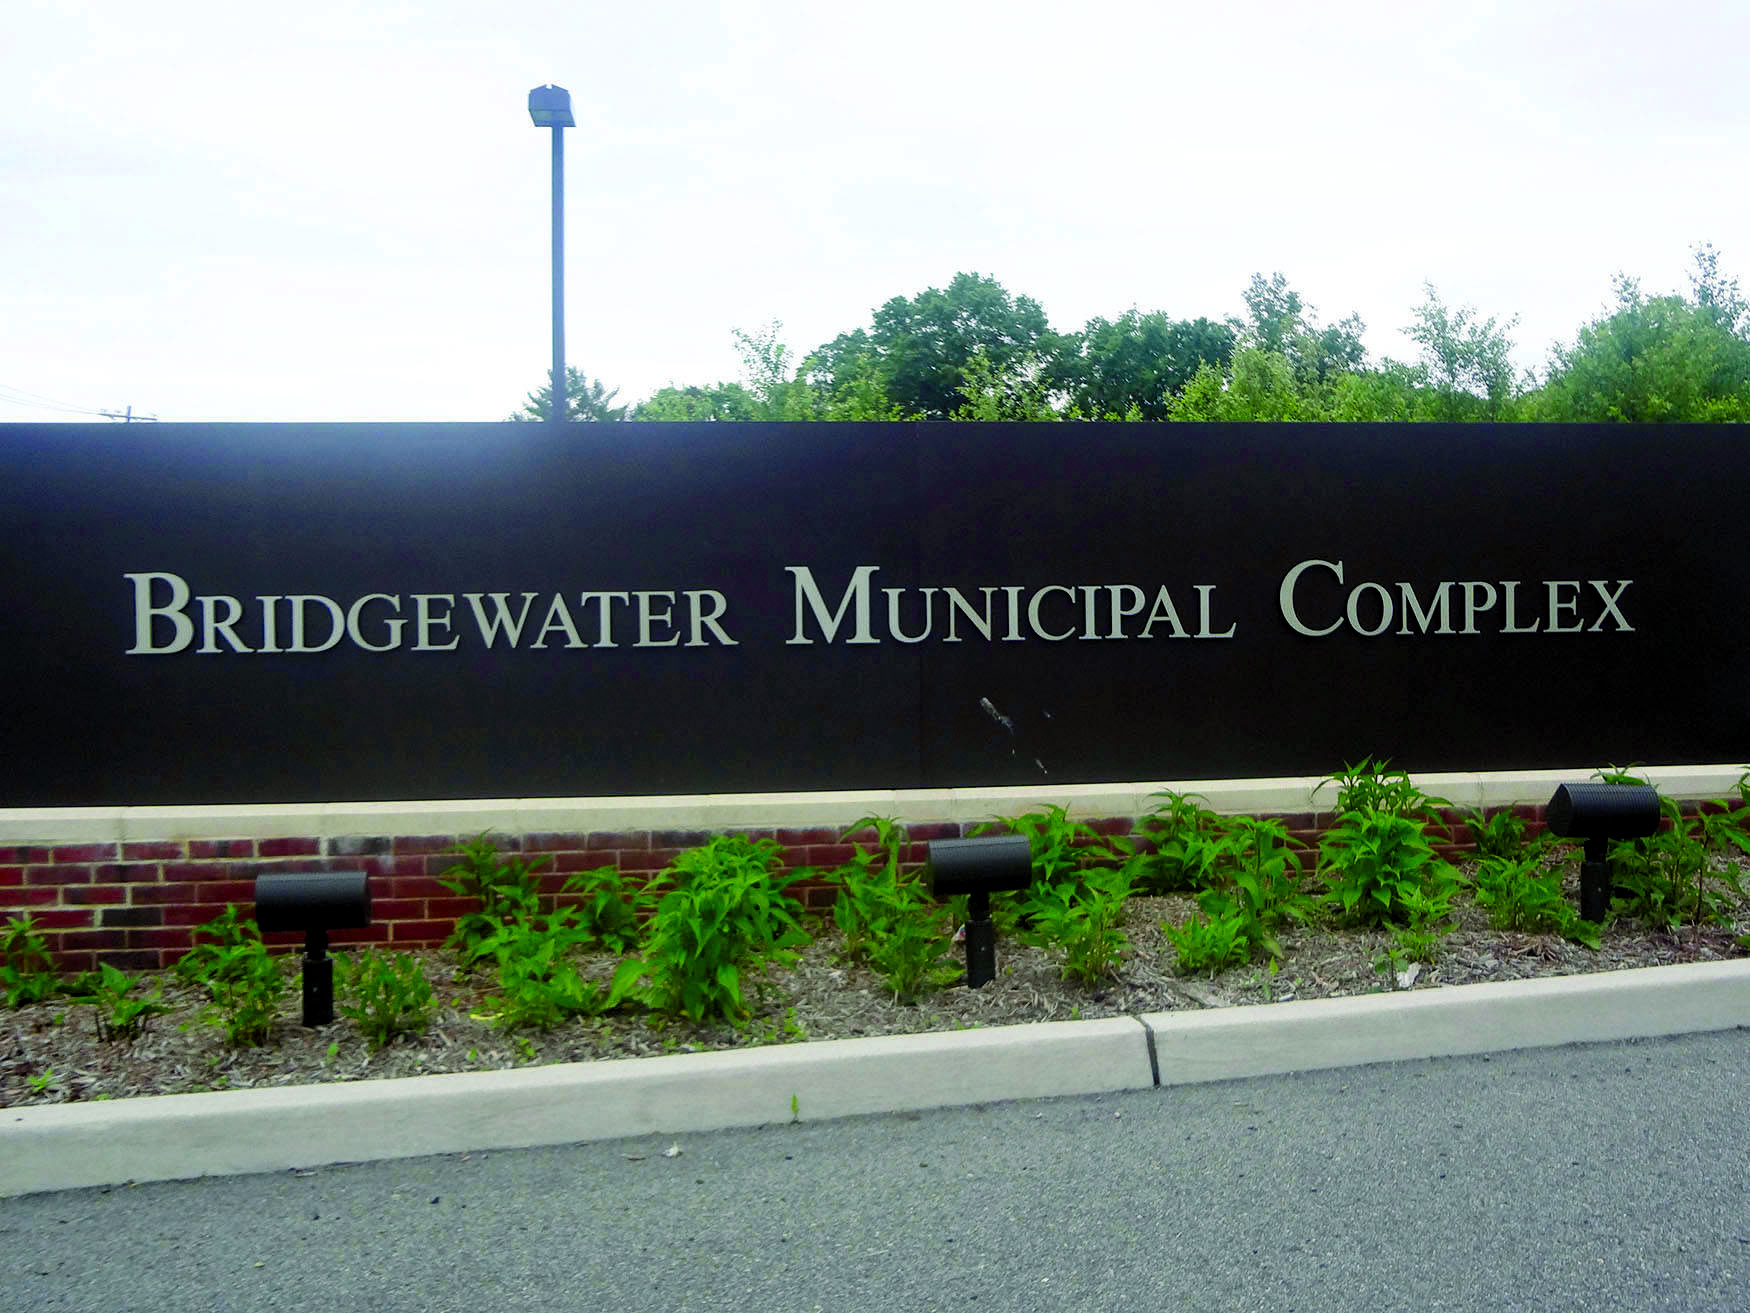 ecbf4c1b68b251e42009_Bridgewater_municipal.jpg